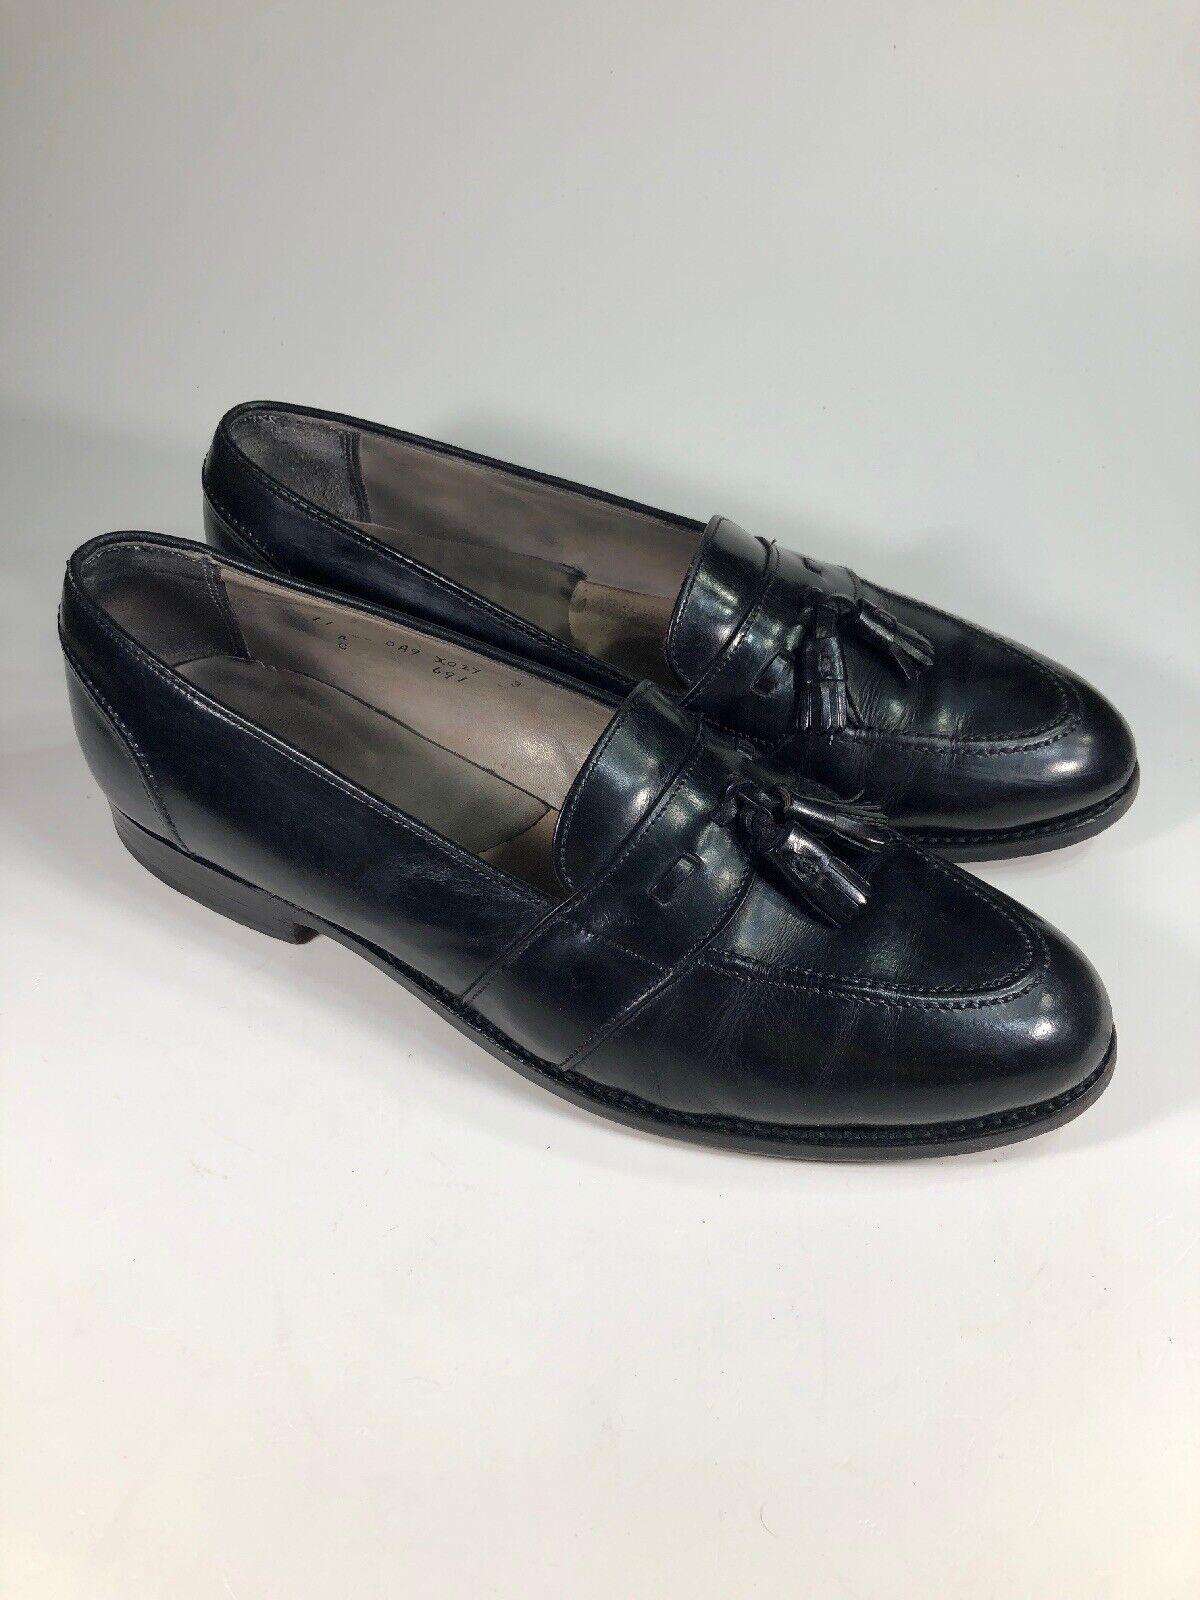 fino al 60% di sconto Alden  516 nero nero nero Leather 691 Slip On Tassel Loafers Uomo Dimensione 11 A C  sconti e altro